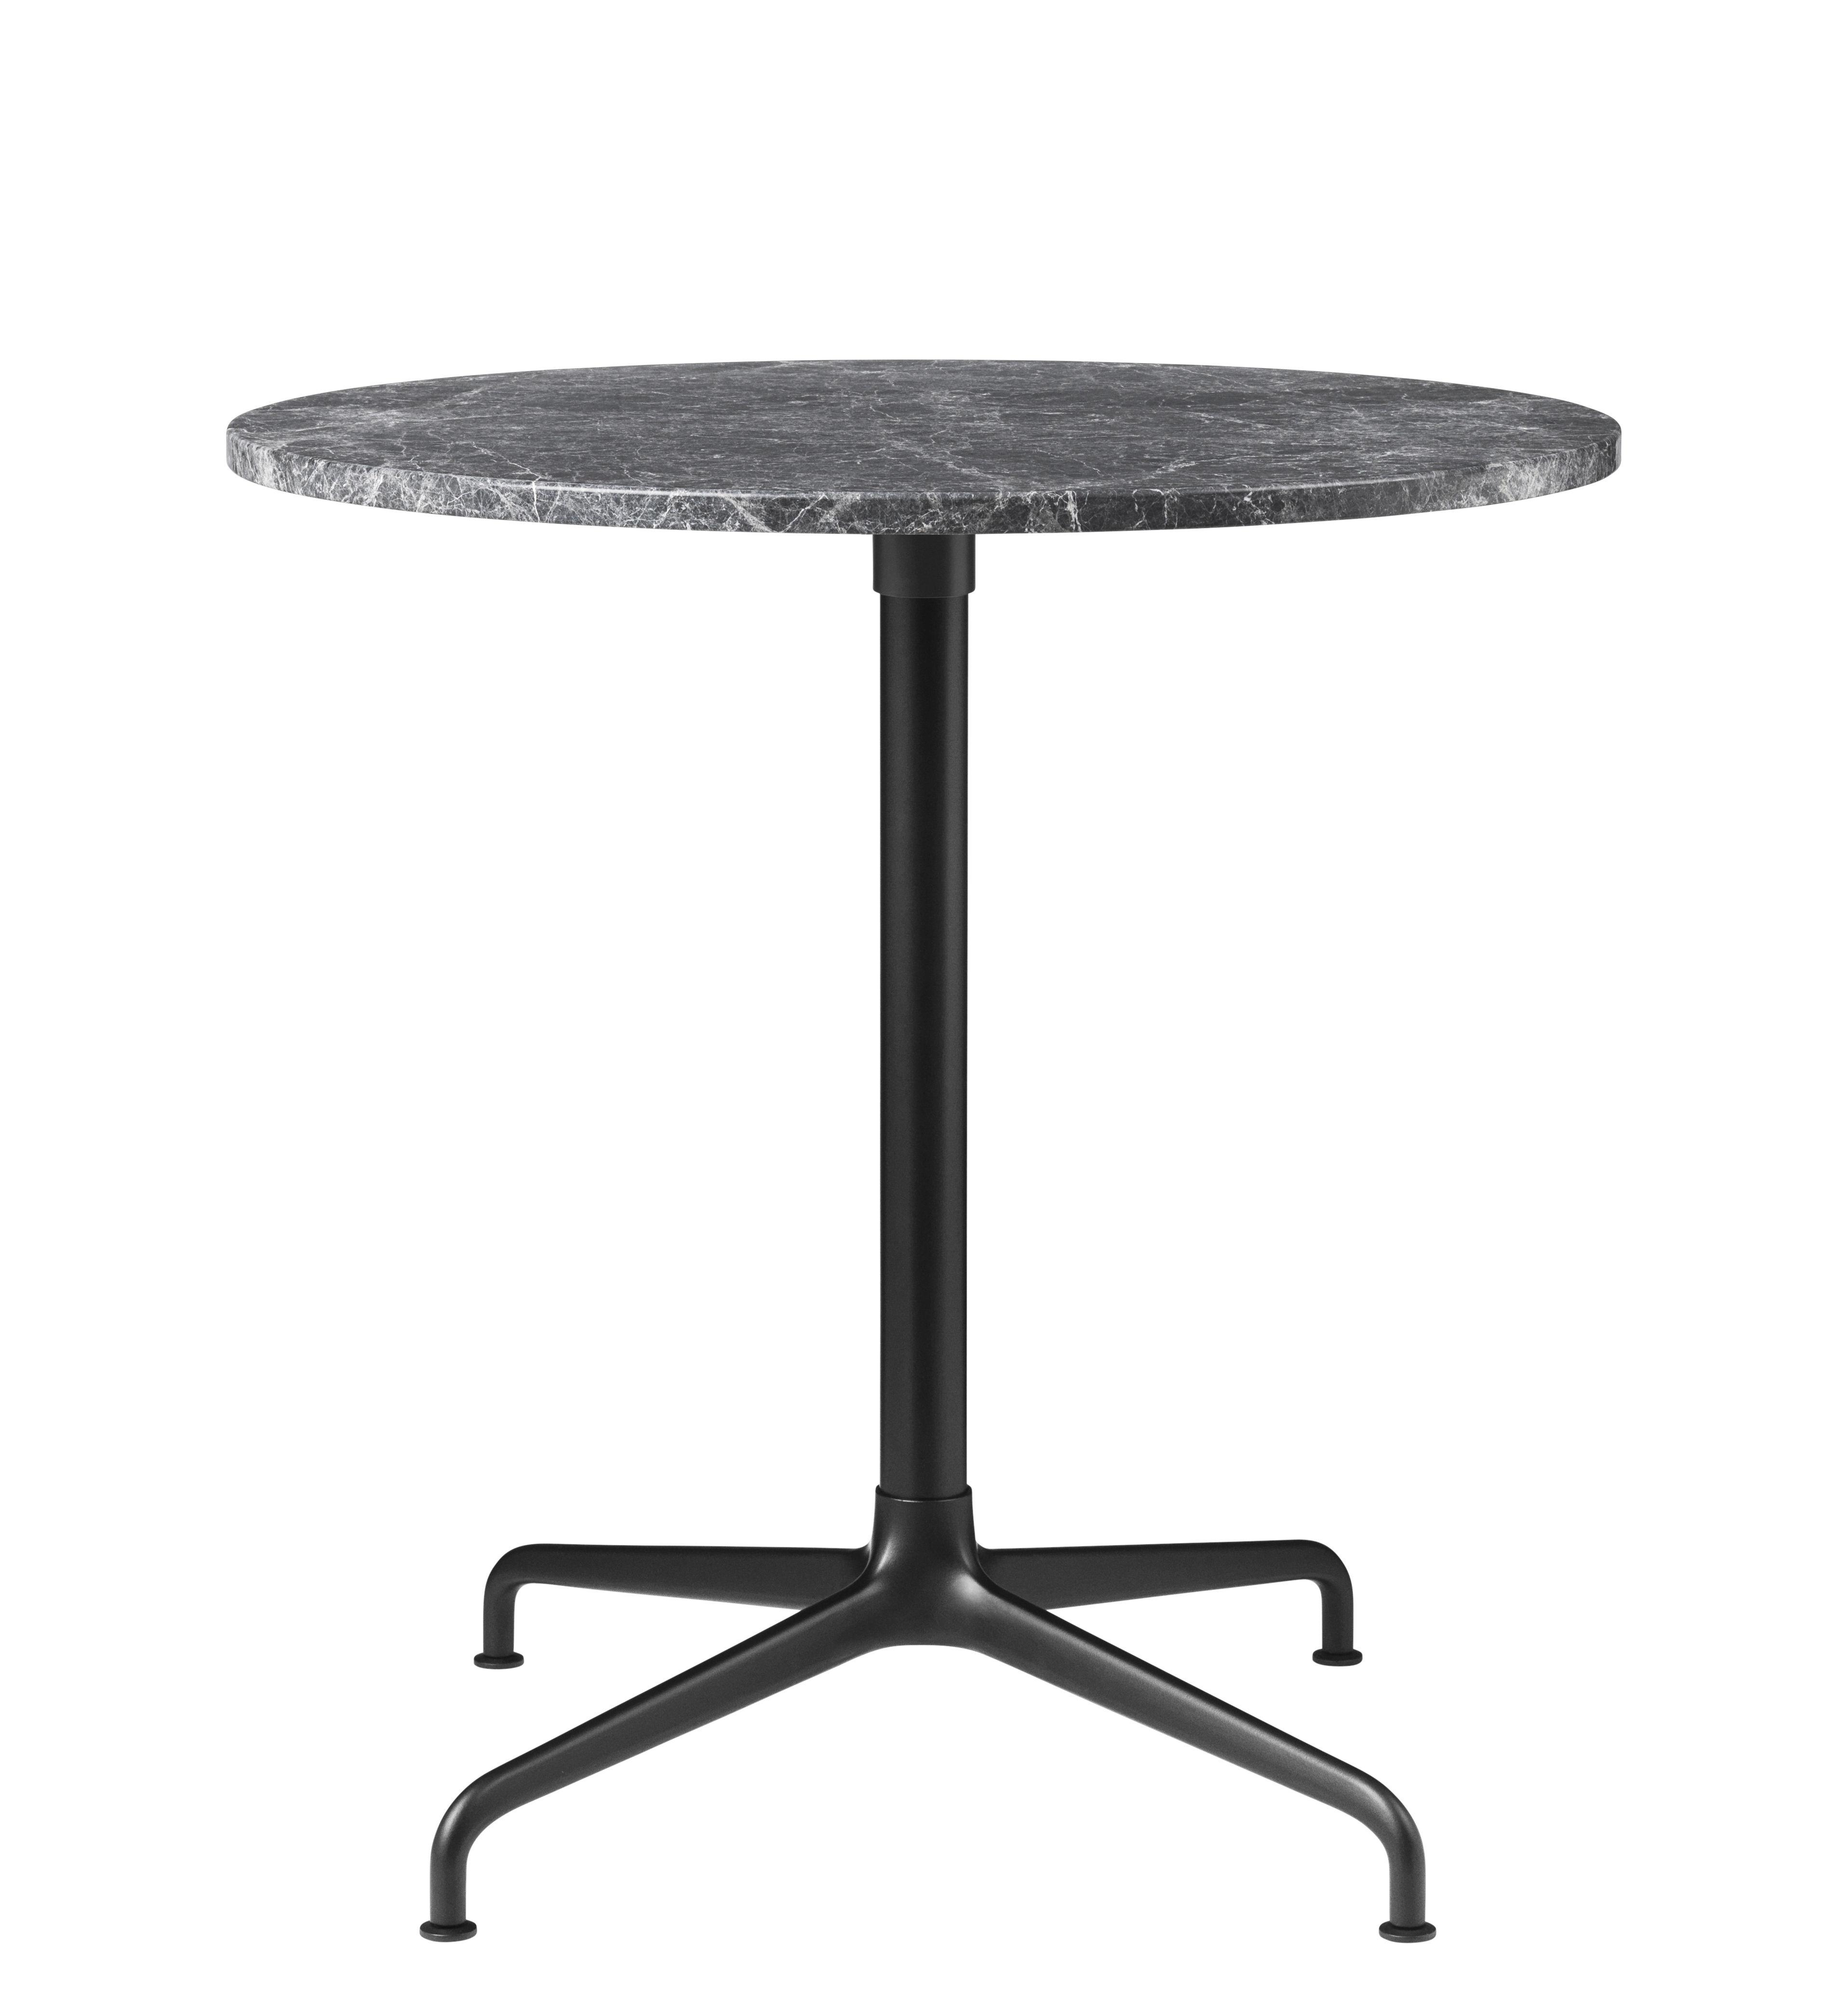 Arredamento - Tavoli - Tavolo rotondo Beetle - / Gamfratesi - Ø 70 cm di Gubi - Marmo grigio / Piede nero & alluminio - Alluminio laccato, Alluminio lucido, Marmo